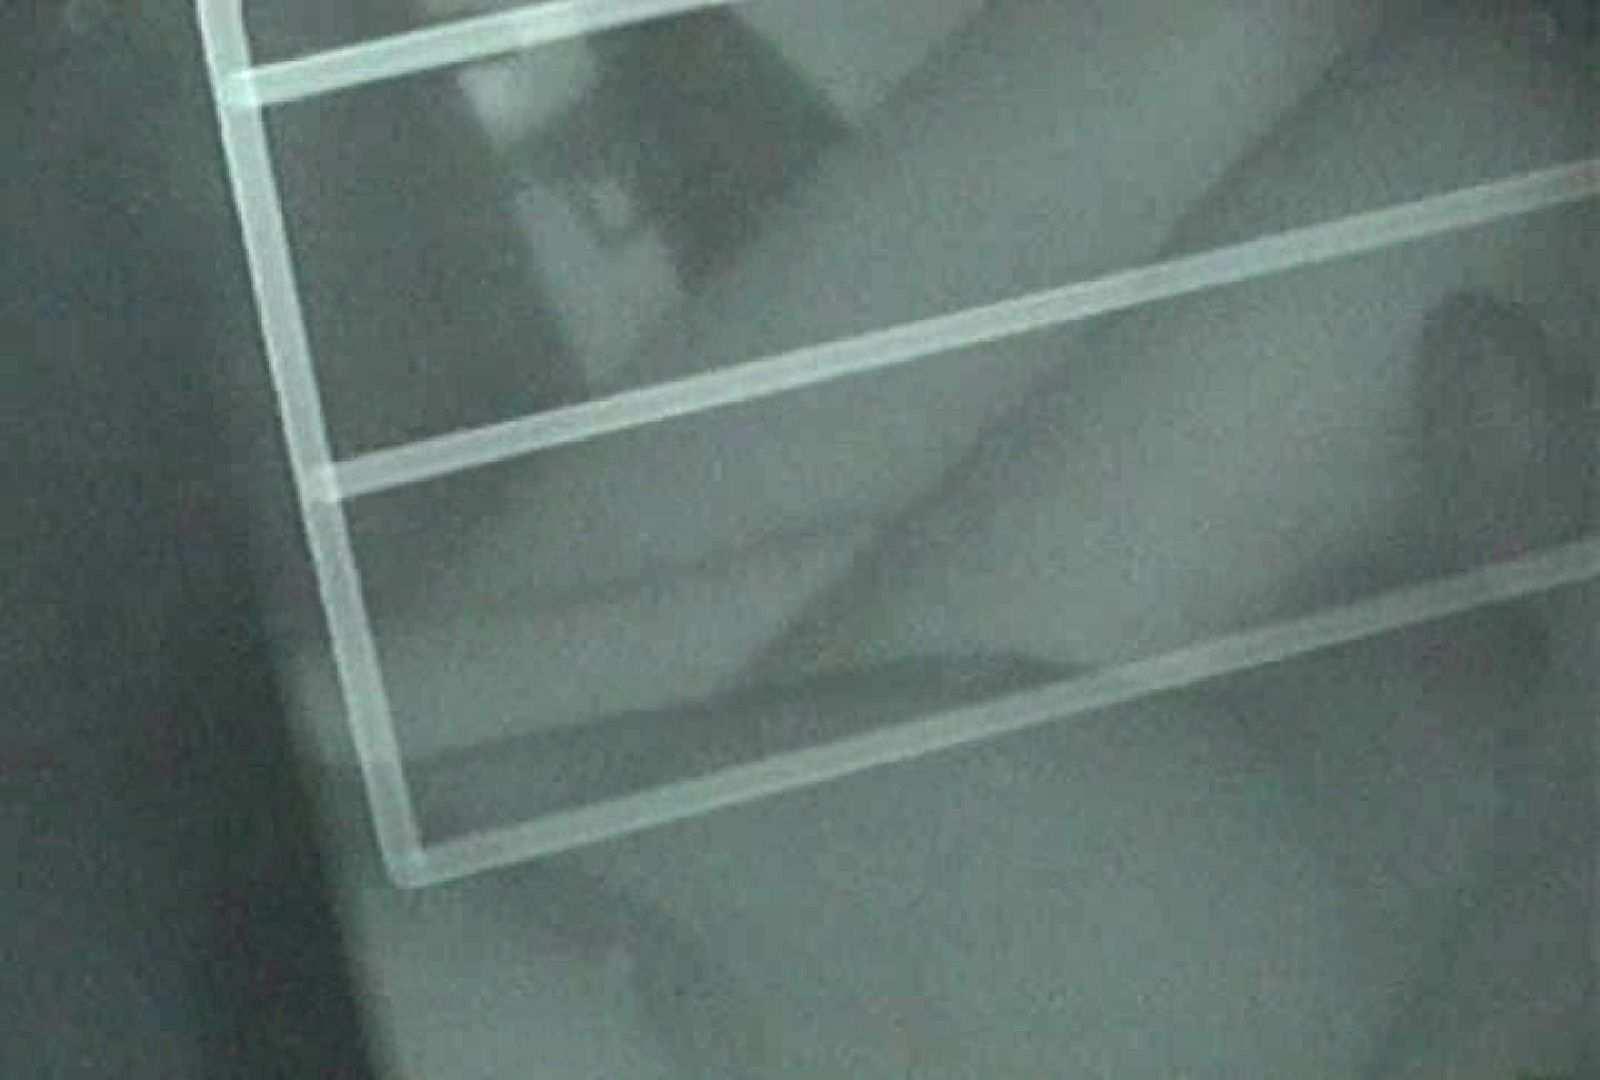 充血監督の深夜の運動会Vol.47 美しいOLの裸体 オメコ無修正動画無料 72pic 38